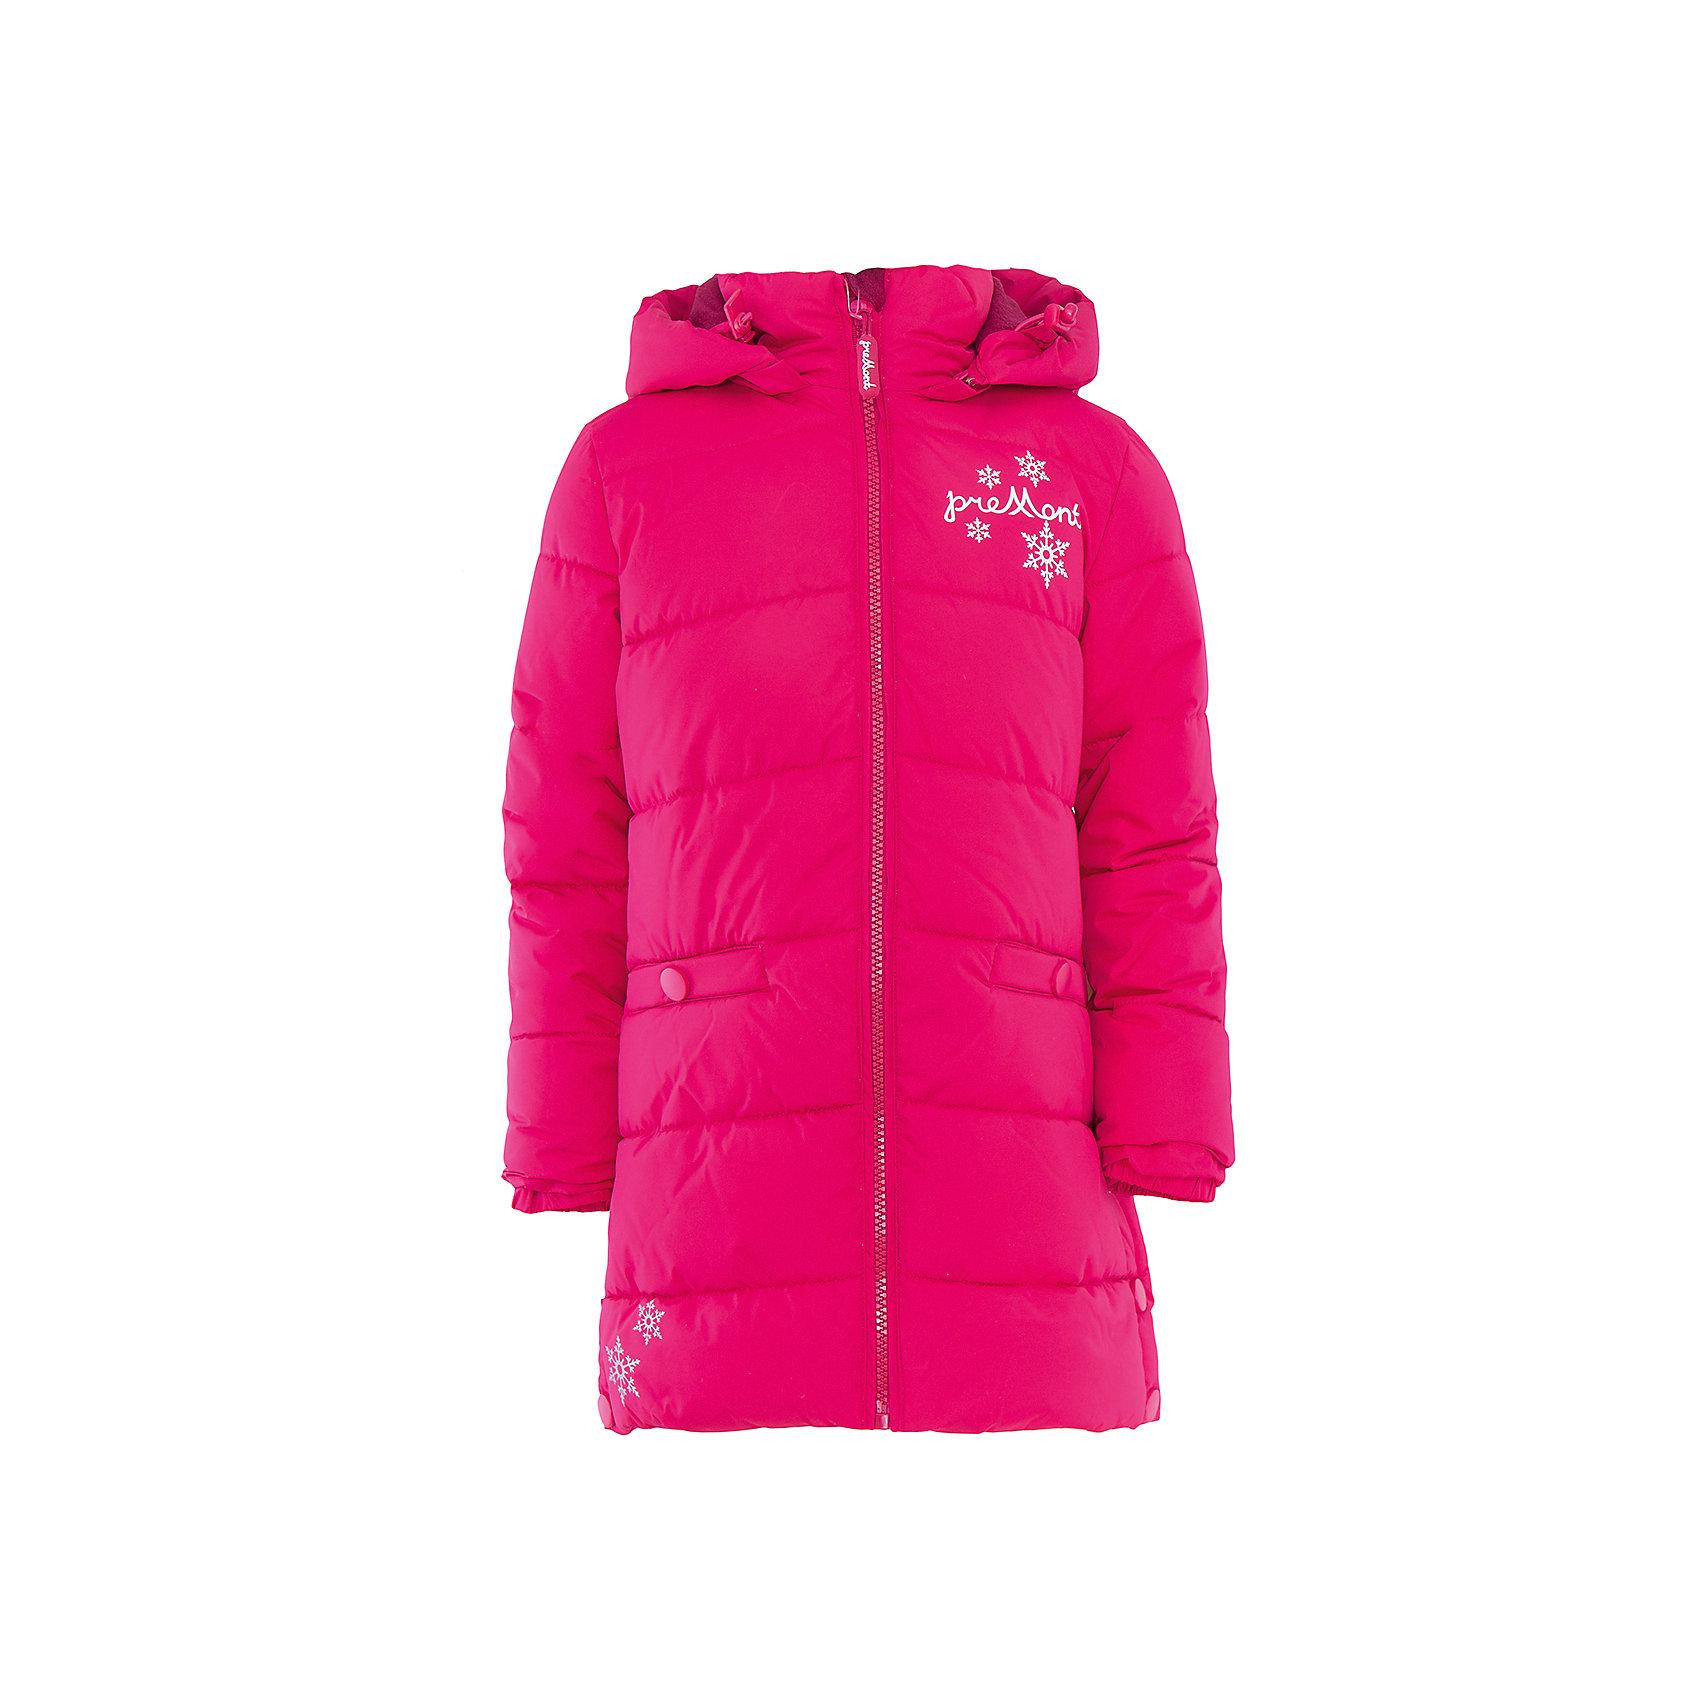 Пальто для девочки PremontВерхняя одежда<br>Пальто для девочки от известного бренда Premont.<br>В некоторых округах Канады клюква является одной из самых популярных ягод. Это связано с холодным климатом страны, ведь клюква самая морозоустойчивая ягода. Также и наше пальто «Морознаяклюква», выполненное в насыщенном сочном клюквенном цвете не даст замерзнуть холодной зимой.<br>Состав:<br>Ткань верха: мембрана 5000мм/5000г/м2/24h <br>Подклад: Polarfleece (тело, капюшон), Taffeta (тело, рукава) <br>Утеплитель: FakeDown (искусственный пух)<br><br>Ширина мм: 356<br>Глубина мм: 10<br>Высота мм: 245<br>Вес г: 519<br>Цвет: розовый<br>Возраст от месяцев: 48<br>Возраст до месяцев: 60<br>Пол: Женский<br>Возраст: Детский<br>Размер: 110,146,116,122,128,134,140<br>SKU: 4996719